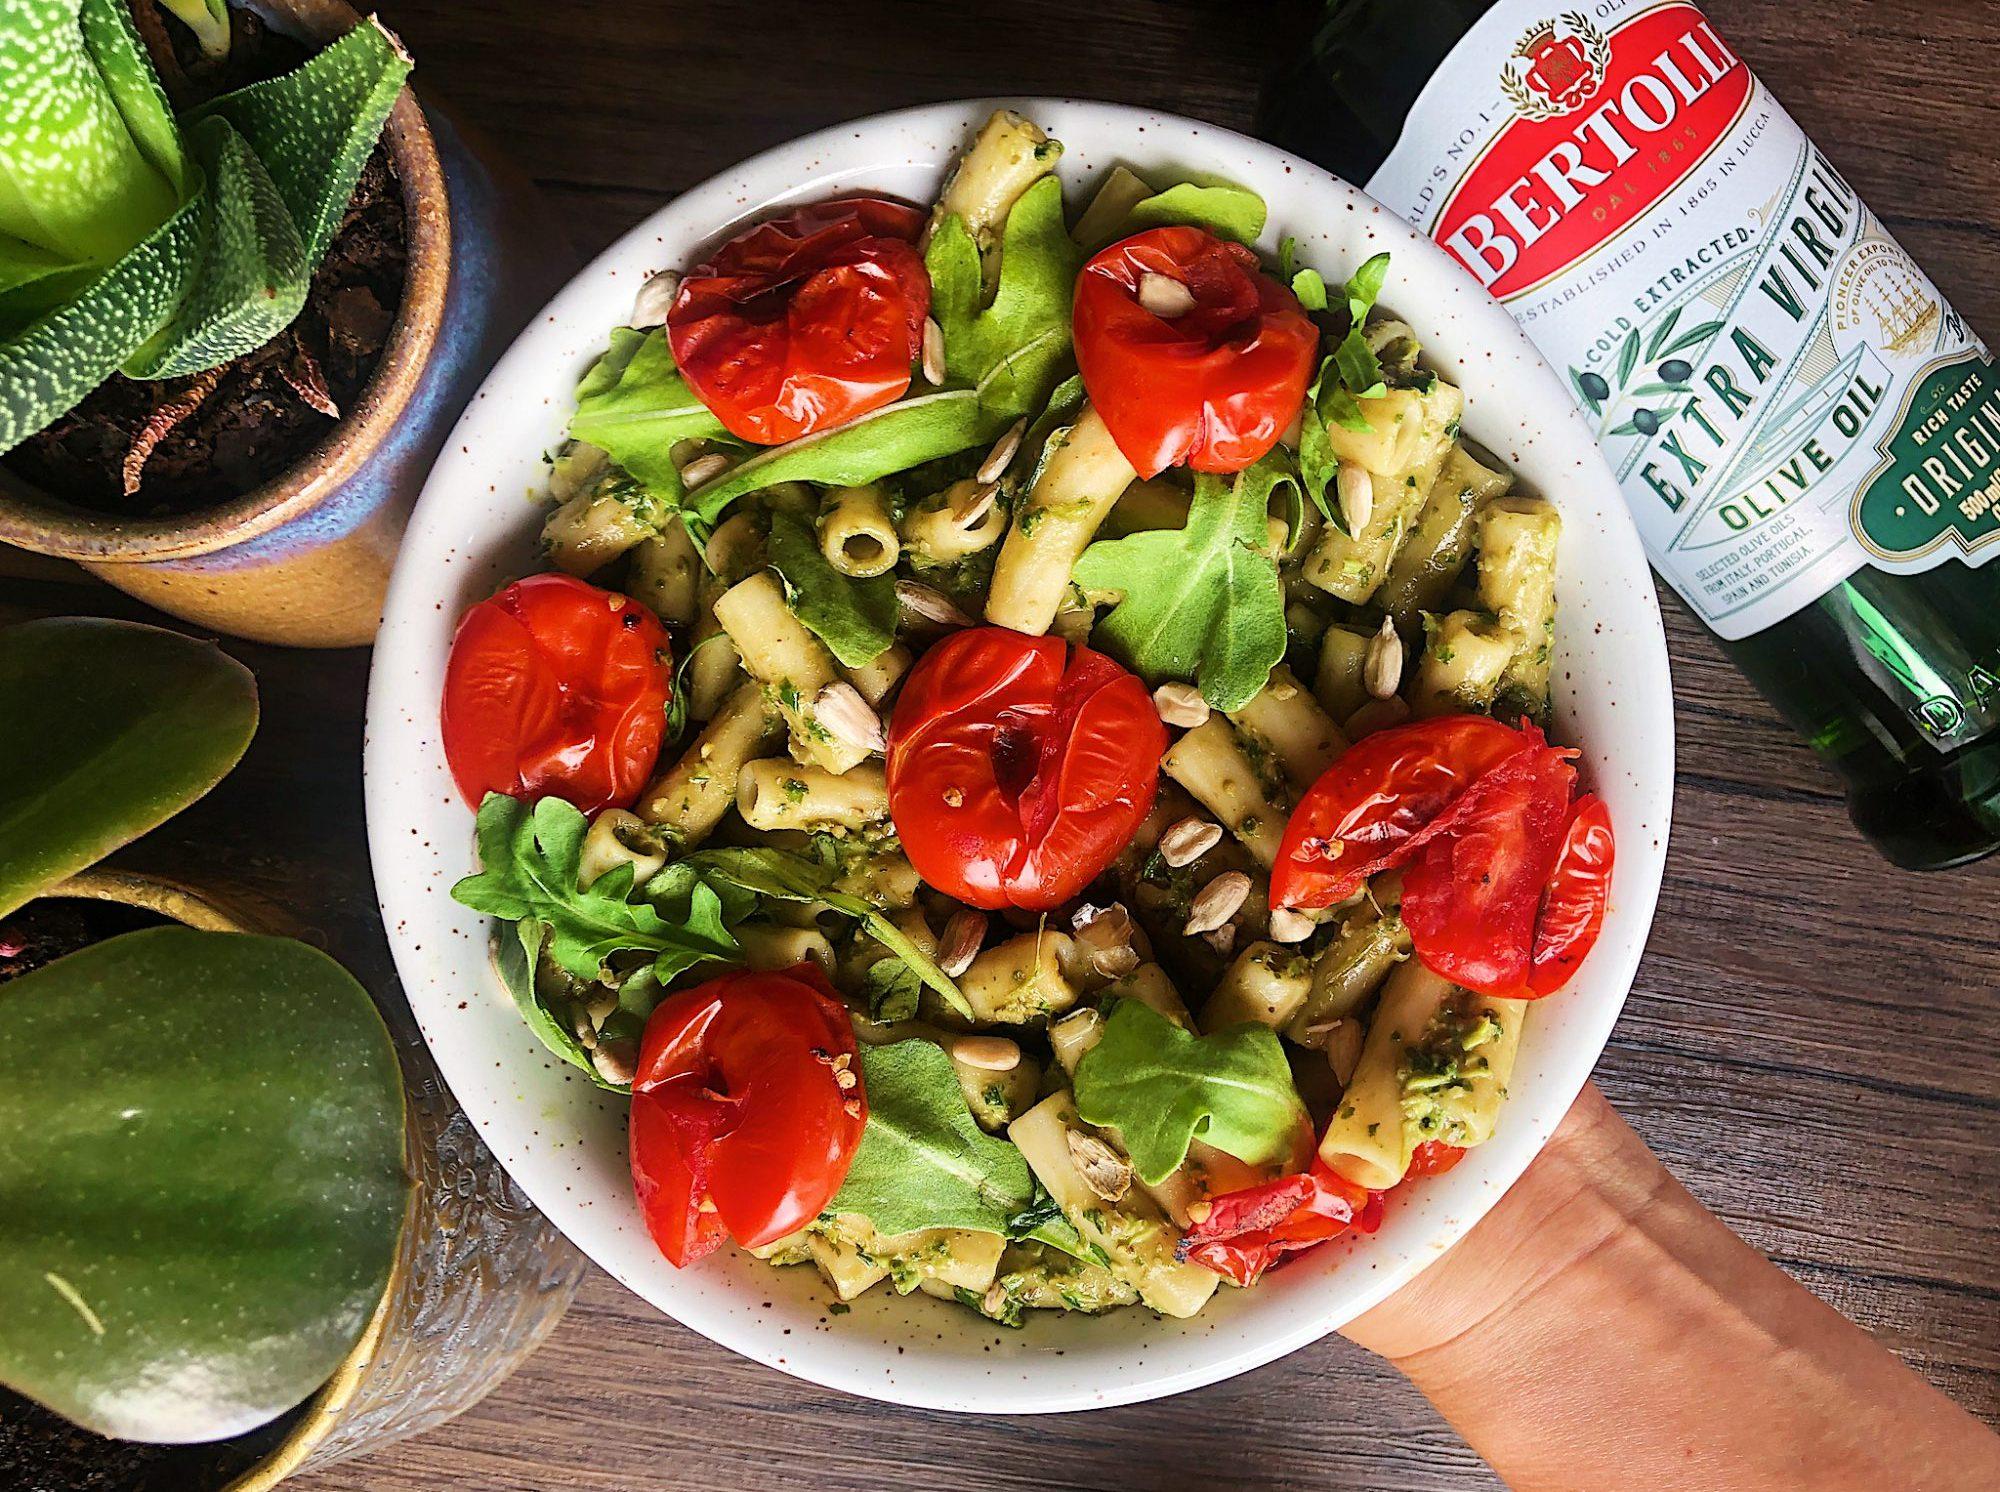 Easy Vegan Pesto Pasta with Bertolli Olive Oil